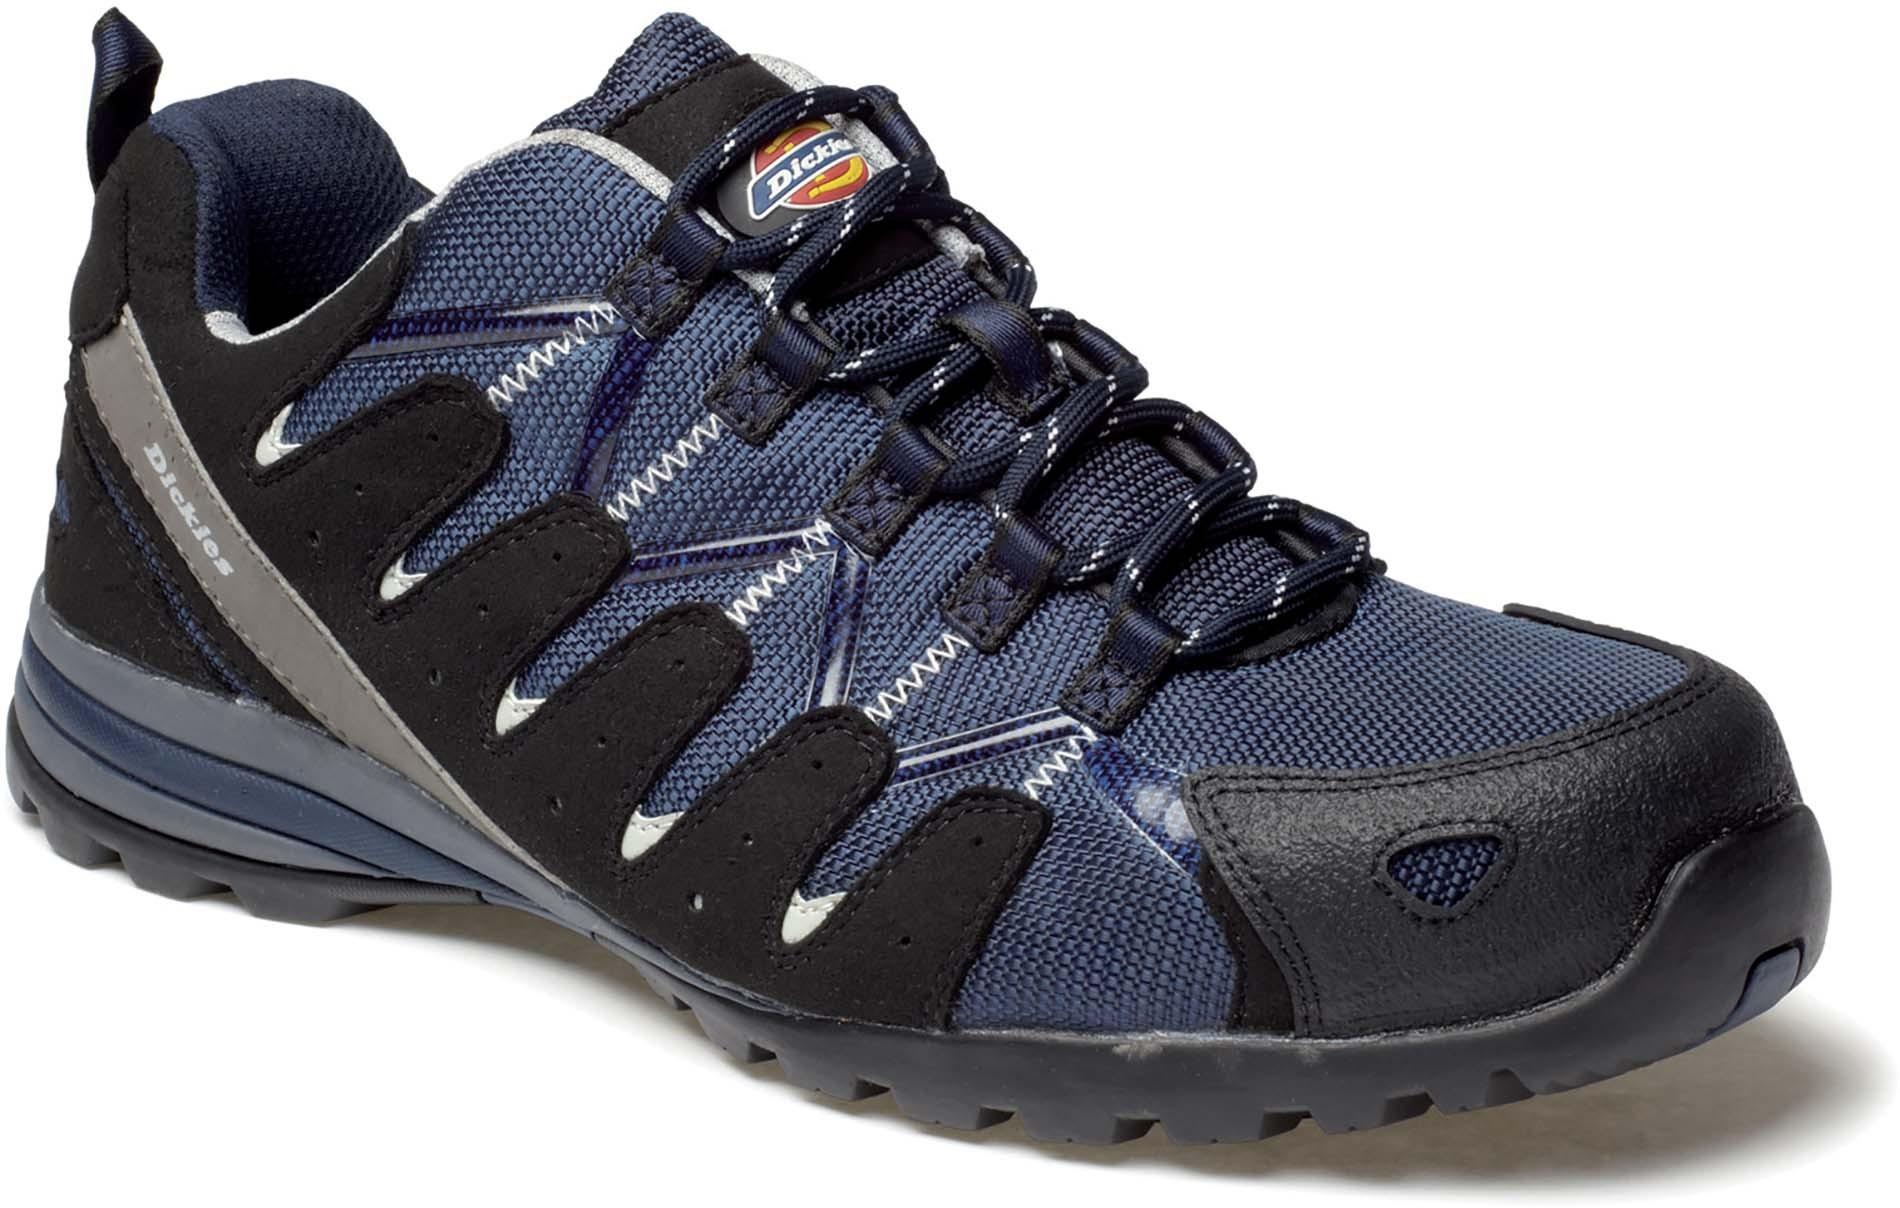 Sécurité Pied Protection De Tous Chaussures Fournisseurs Les oeQxECrdBW